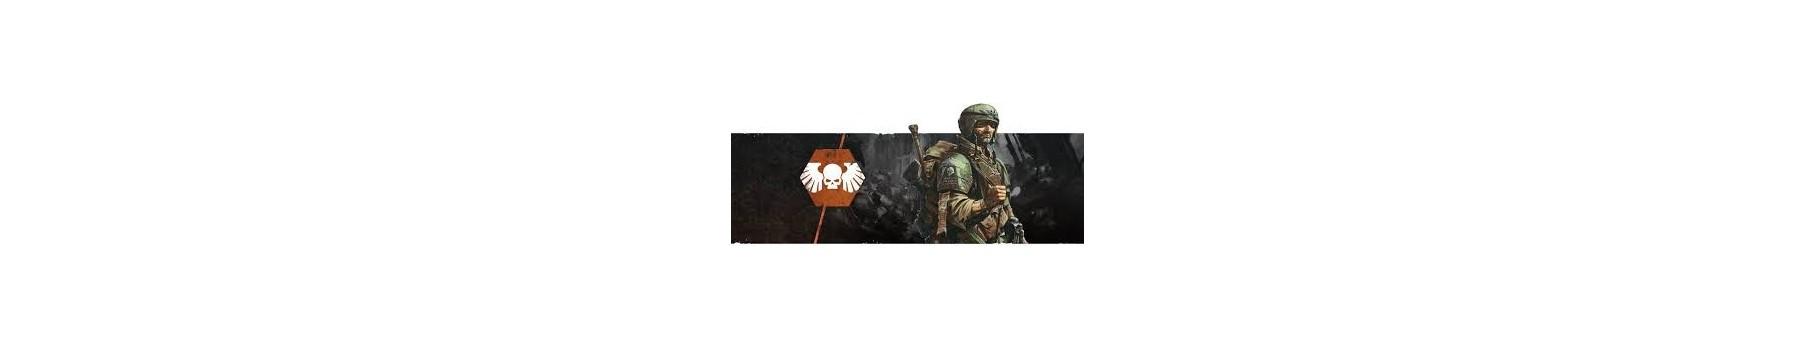 L'Armée des Astra Militarum de votre Ludicaire Au Chapeau Enchanté